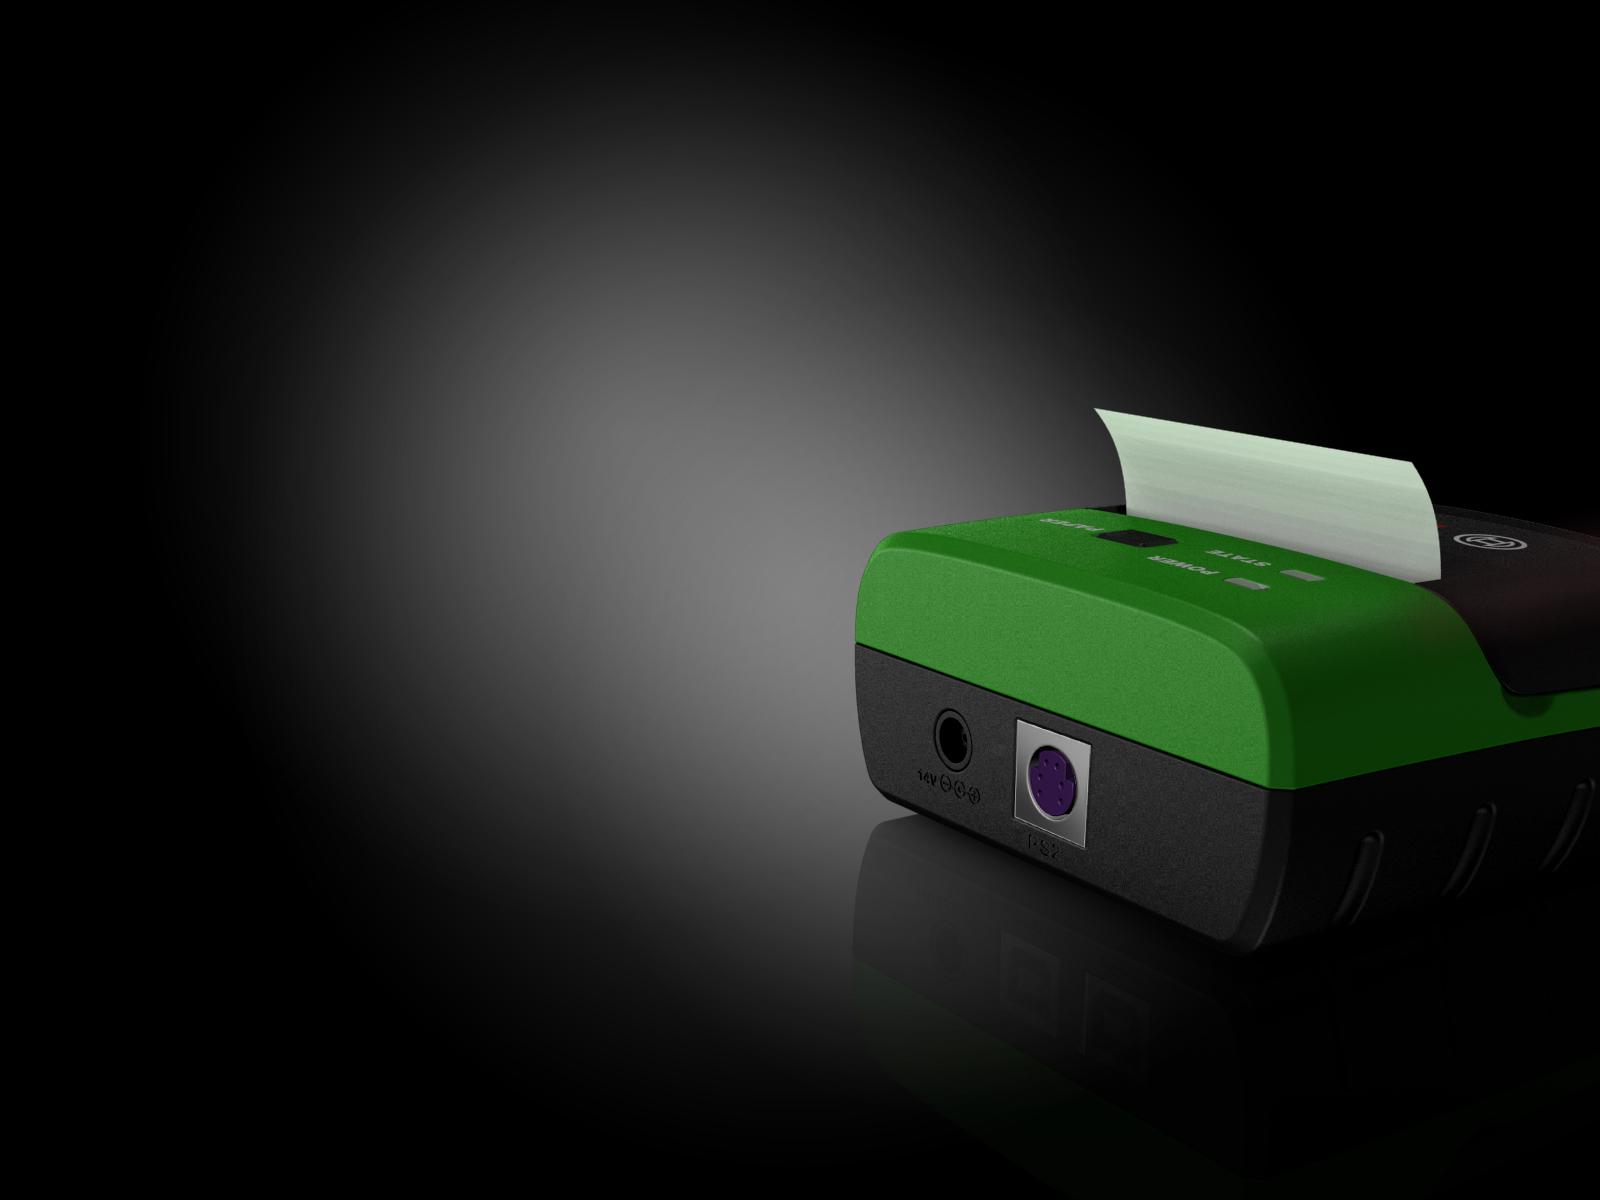 打印机4_产品设计-来设计